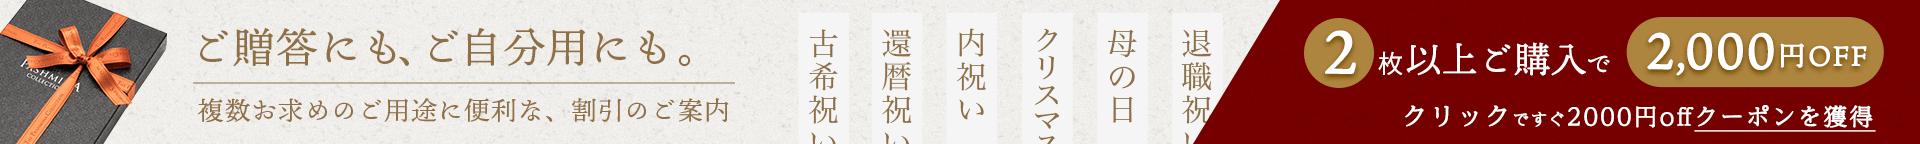 2枚以上ご購入で2千円OFFクーポン